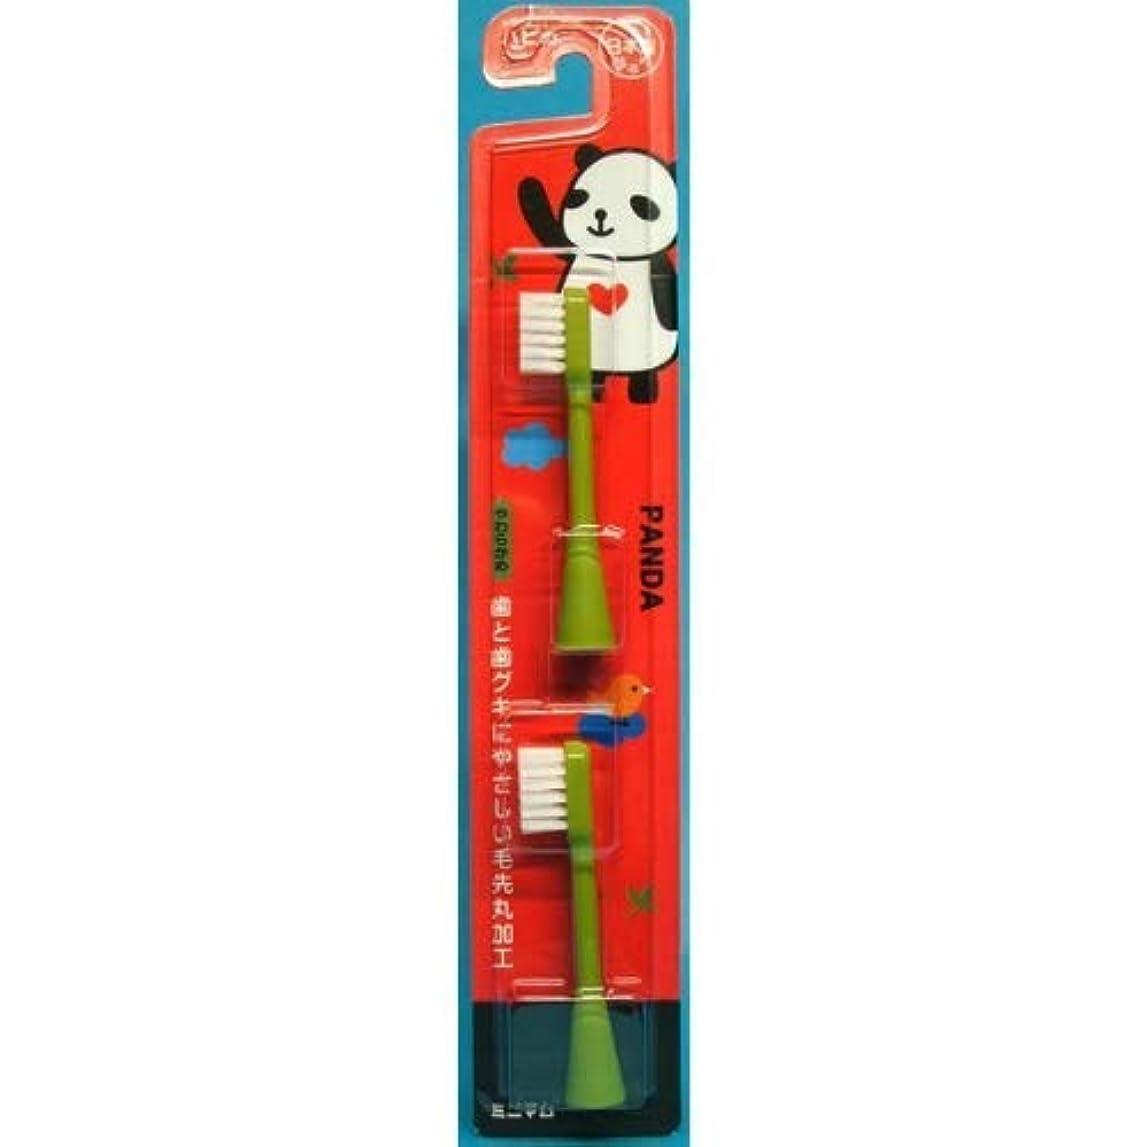 まともなまともなトライアスロンミニマム 電動歯ブラシ用 替ブラシ パンダ ハート BRT-7G 2本入